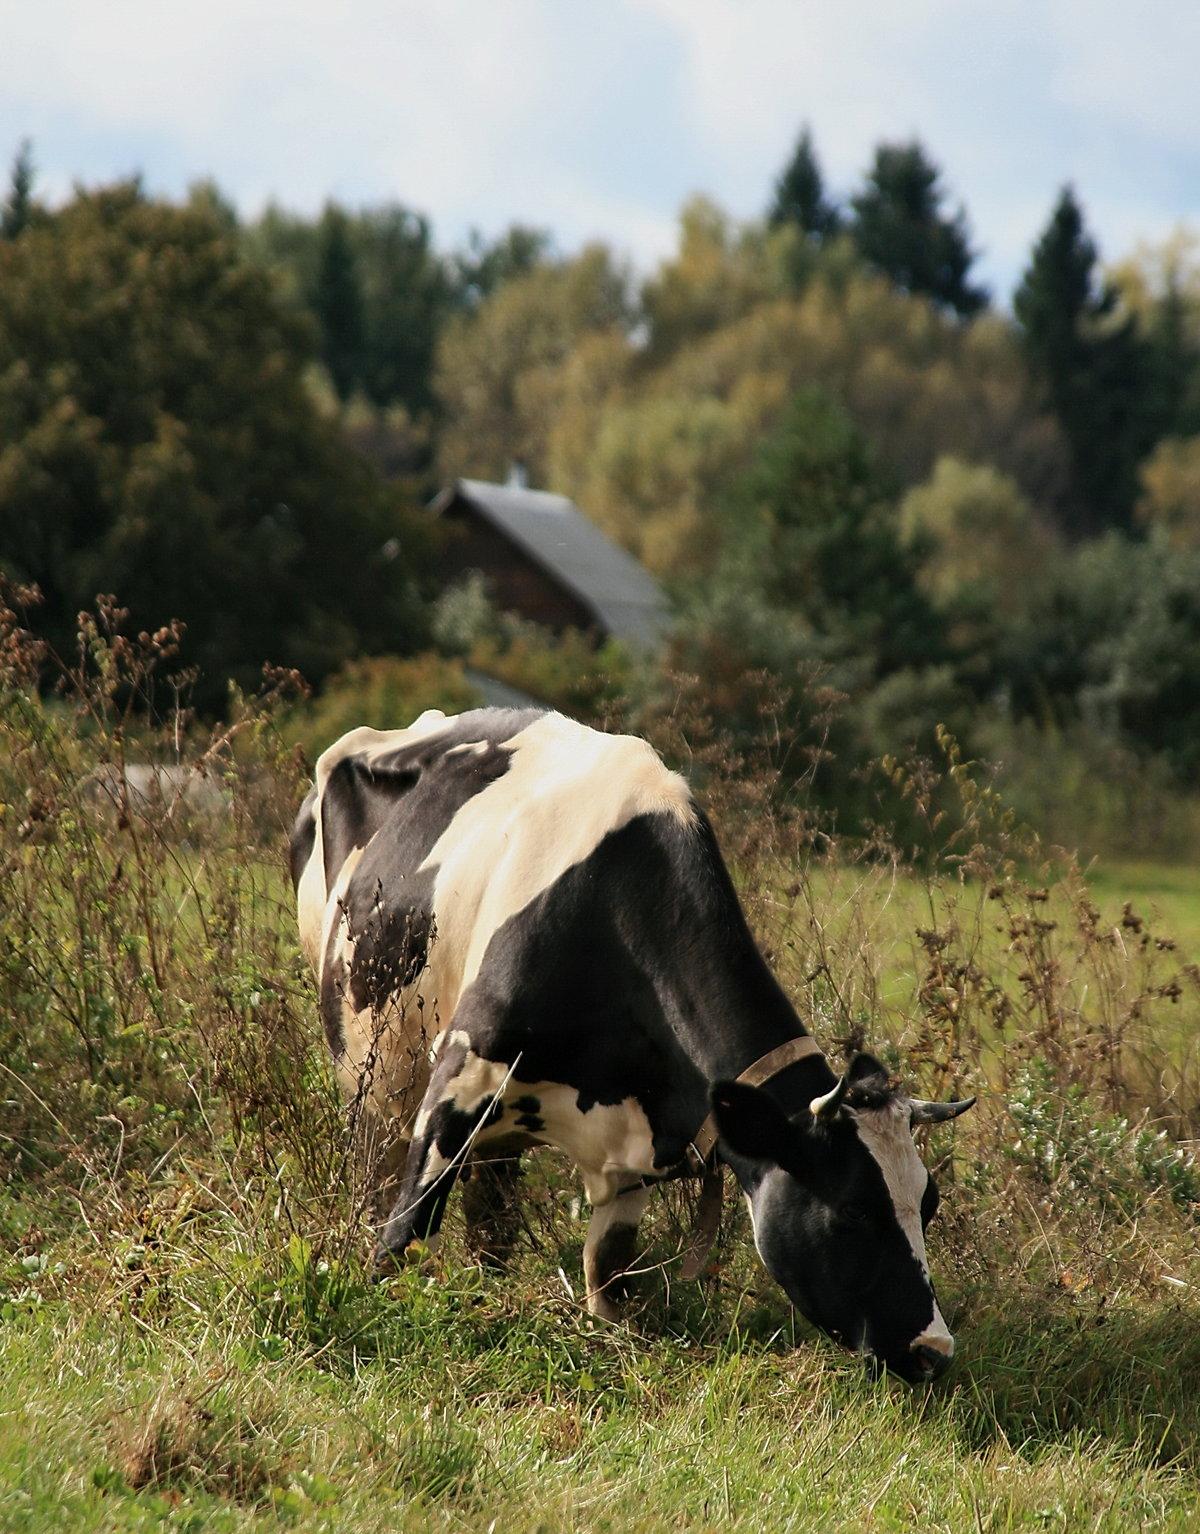 уже картинка деревенские коровы сказали всё